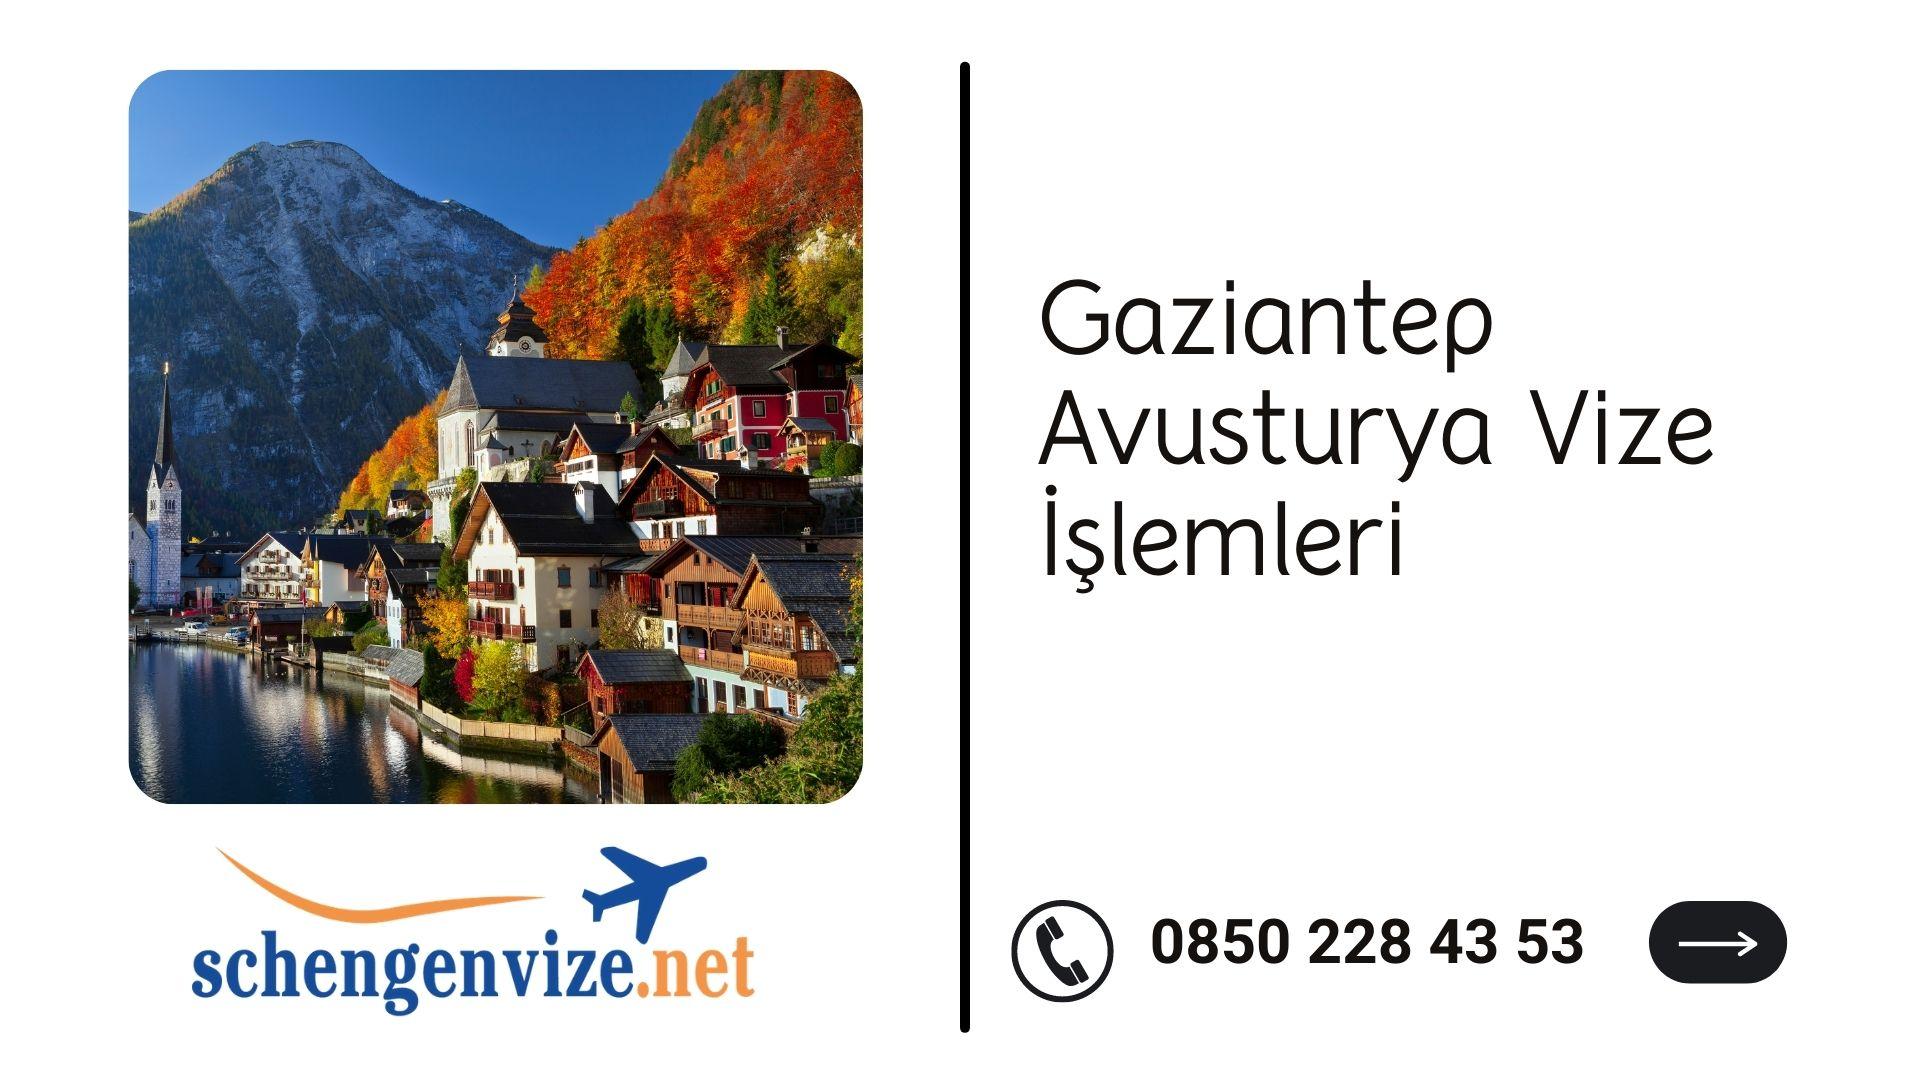 Gaziantep Avusturya Vize İşlemleri